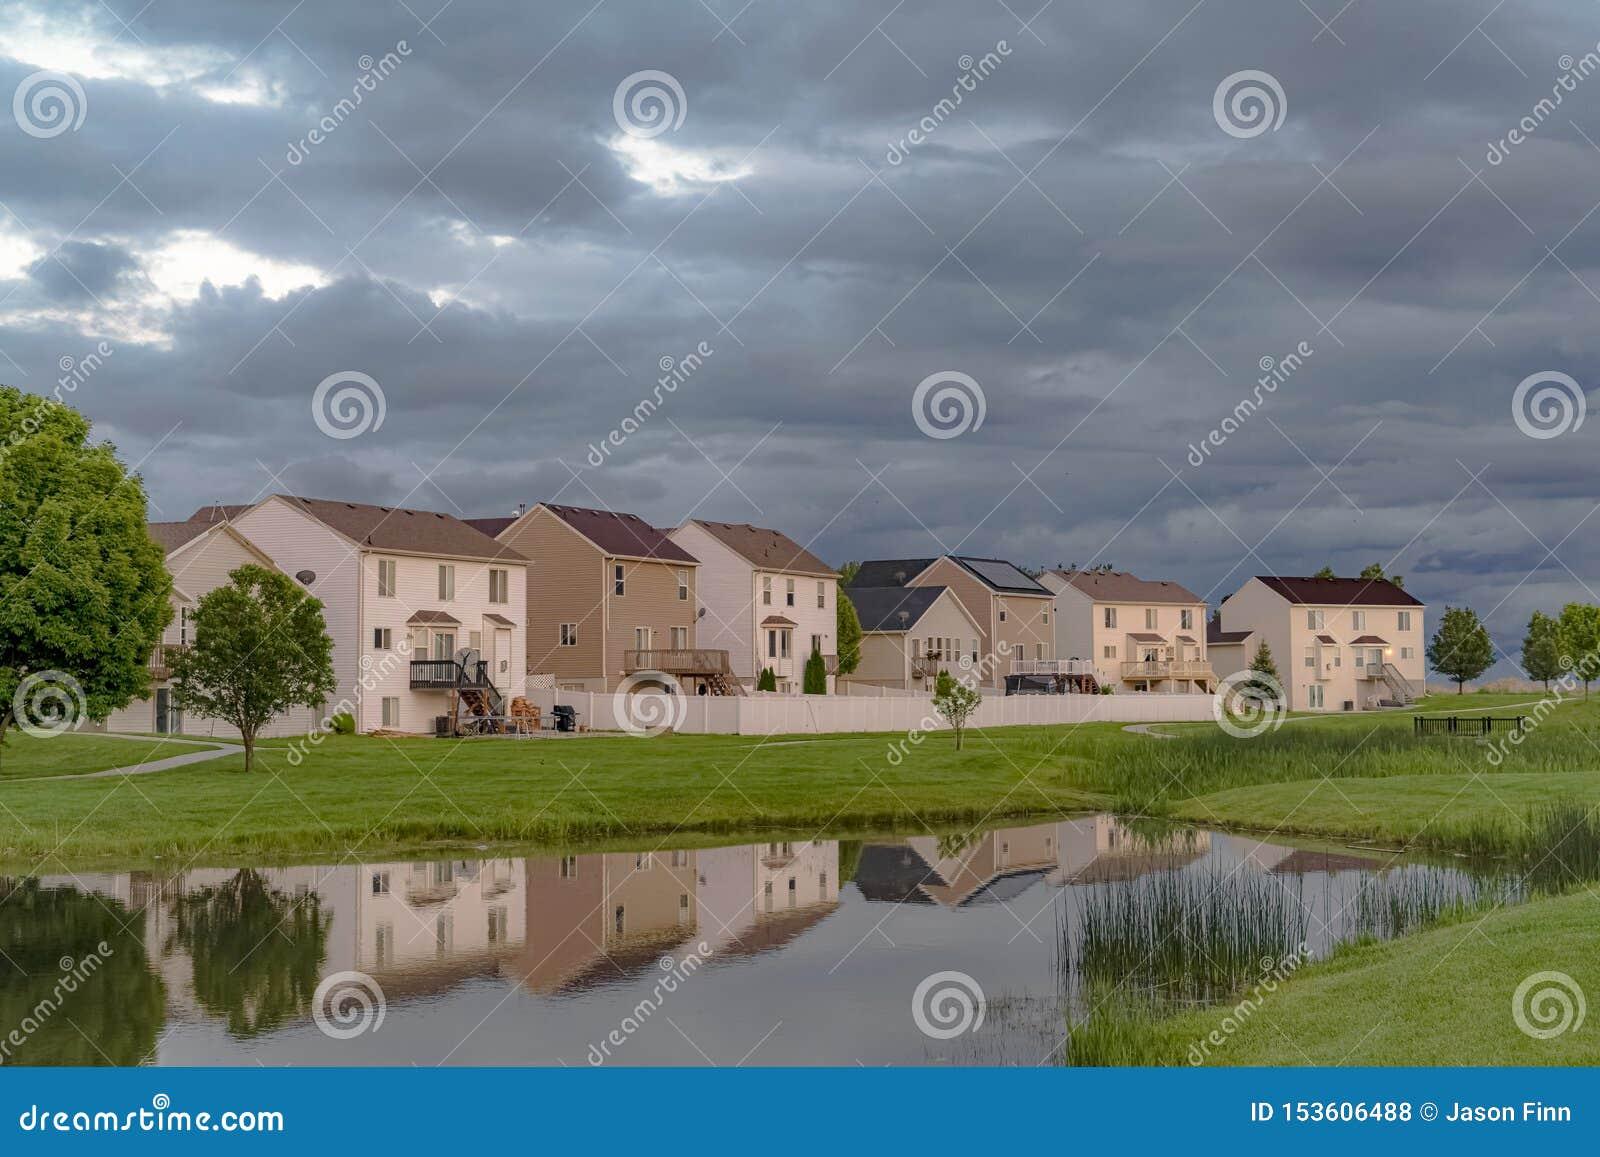 Όμορφα σπίτια με μια φυσική άποψη μιας λαμπρής λίμνης και ενός επεκτατικού χλοώδους τομέα